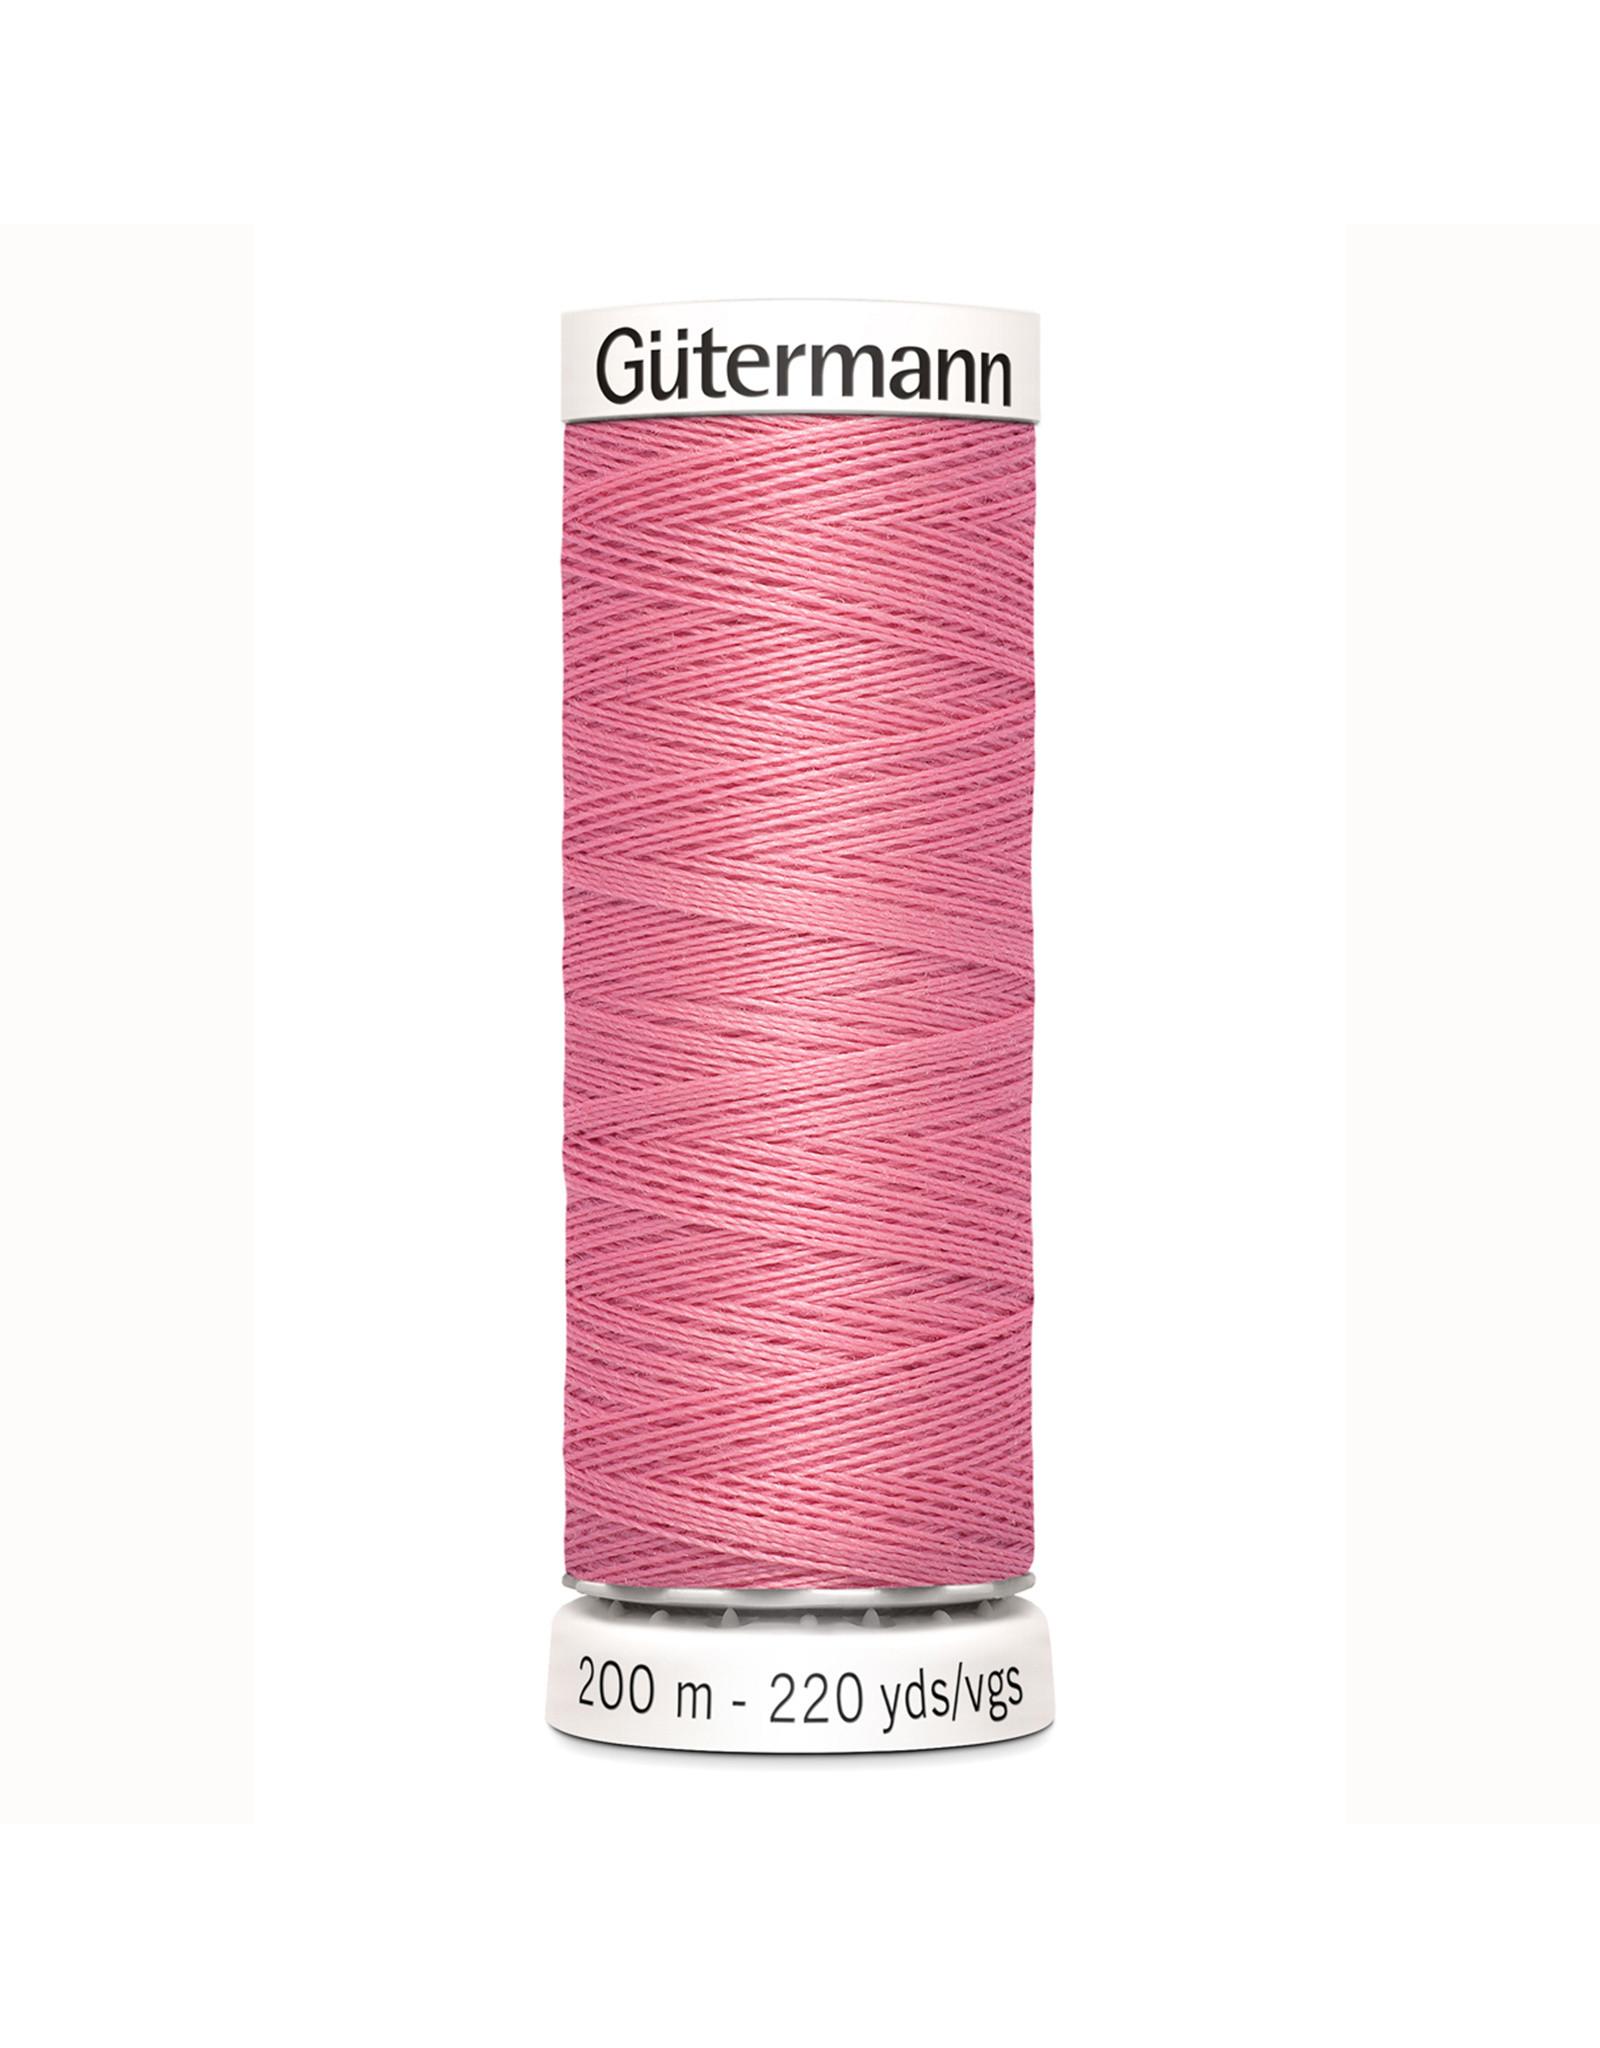 Gütermann Gütermann Sewing Thread 200 m - nr 889